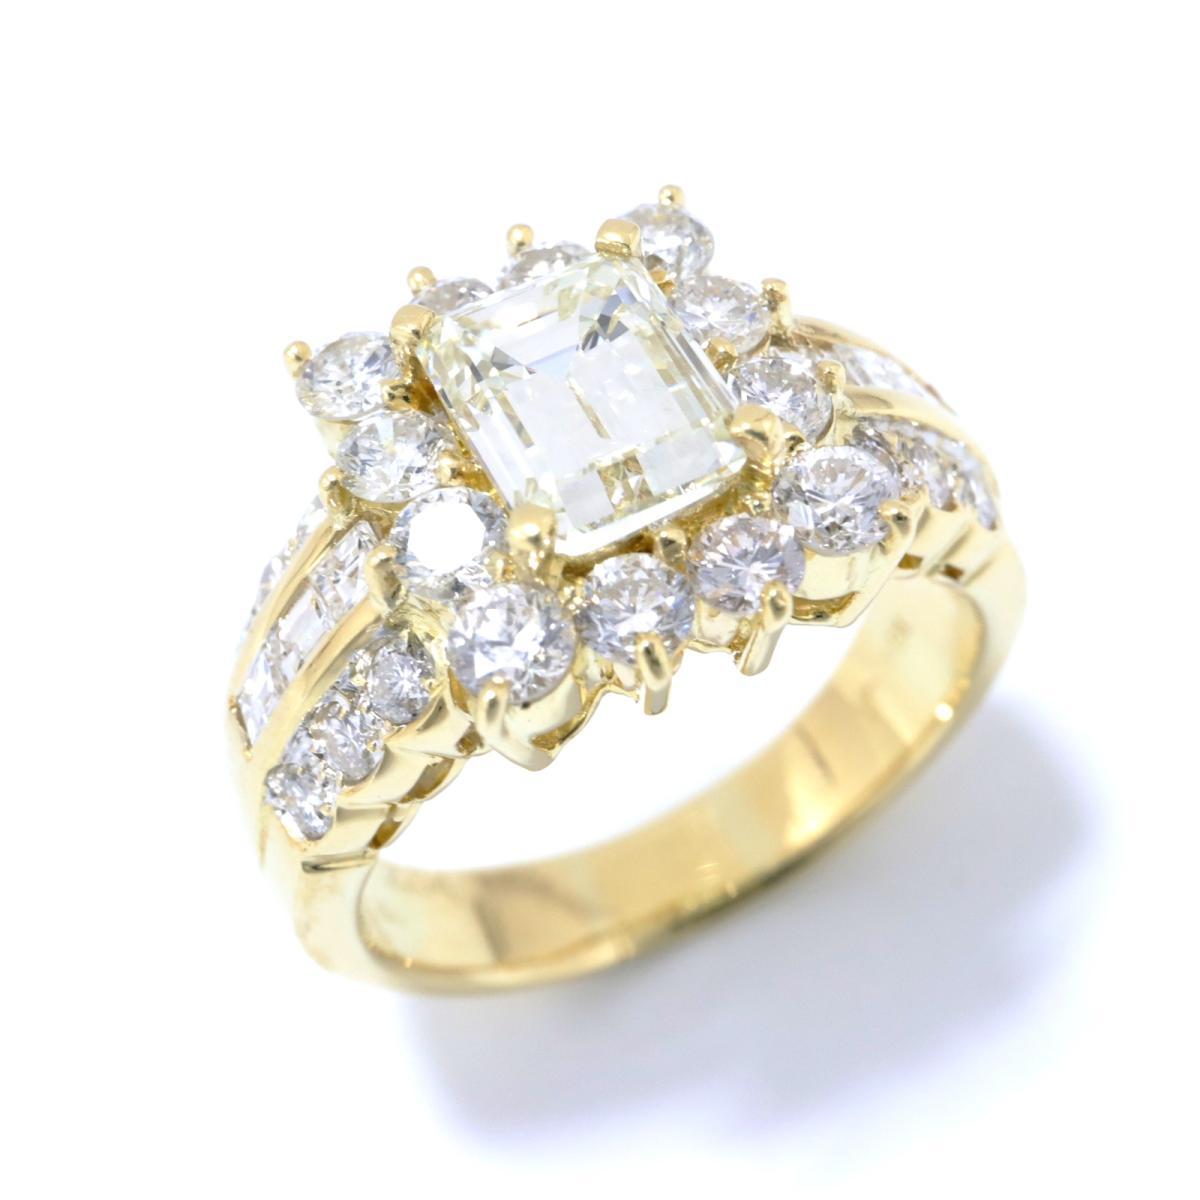 【中古】 ジュエリー ダイヤモンド リング 指輪 レディース K18YG (750) イエローゴールド x (2.009ct/2.04ct) クリアー ゴールド | JEWELRY BRANDOFF ブランドオフ ブランド ジュエリー アクセサリー